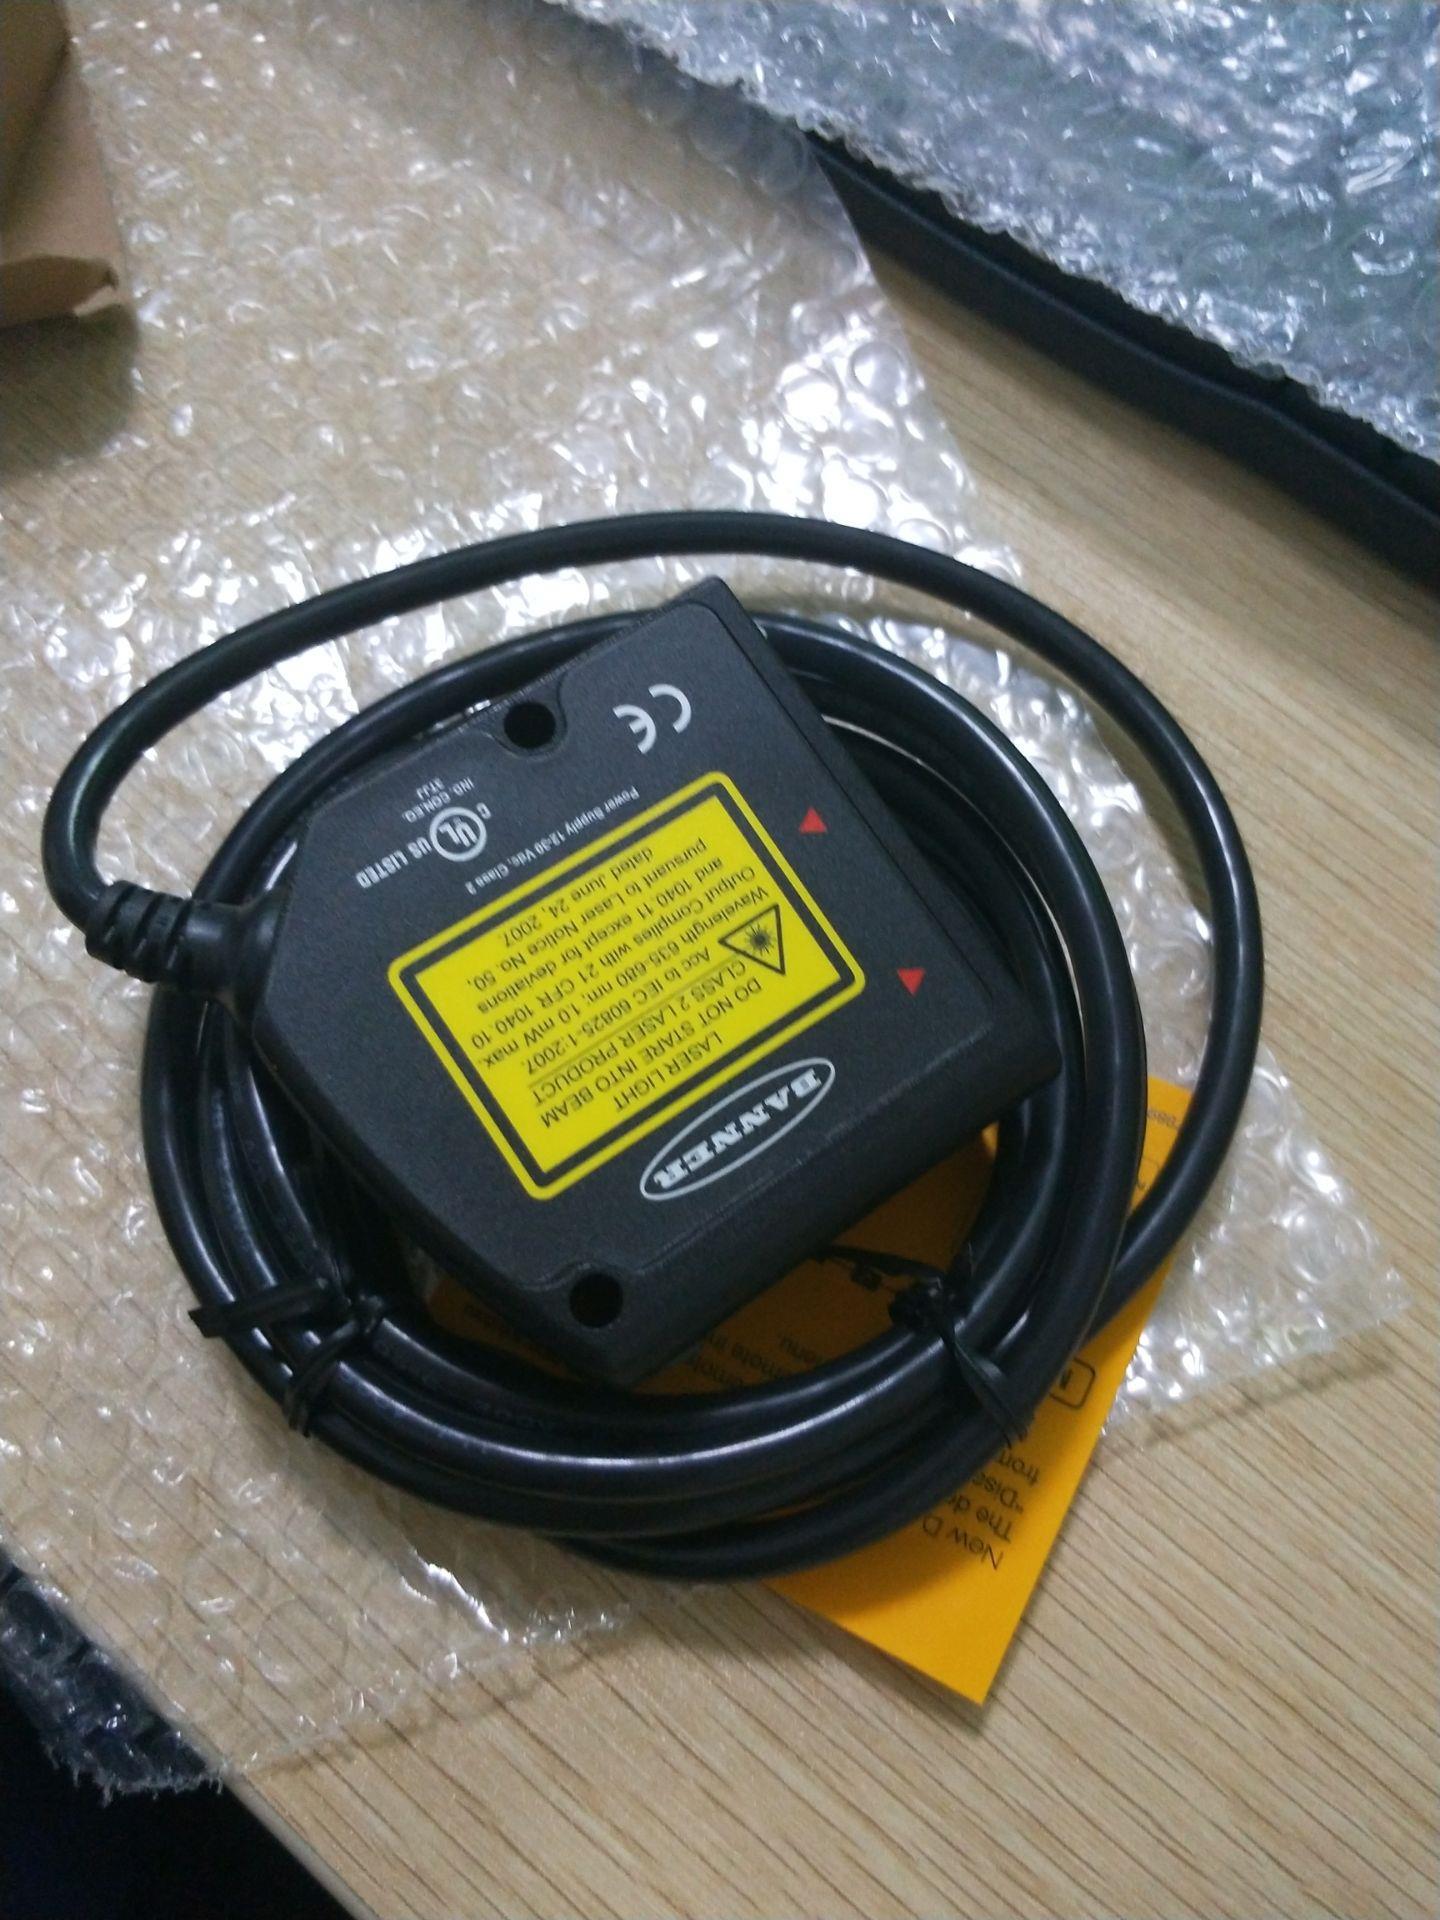 邦納光電開關SLM50N6Q邦納激光測距儀Q4XTBLAF300-Q8邦納傳感器S18-2VNDS-Q8